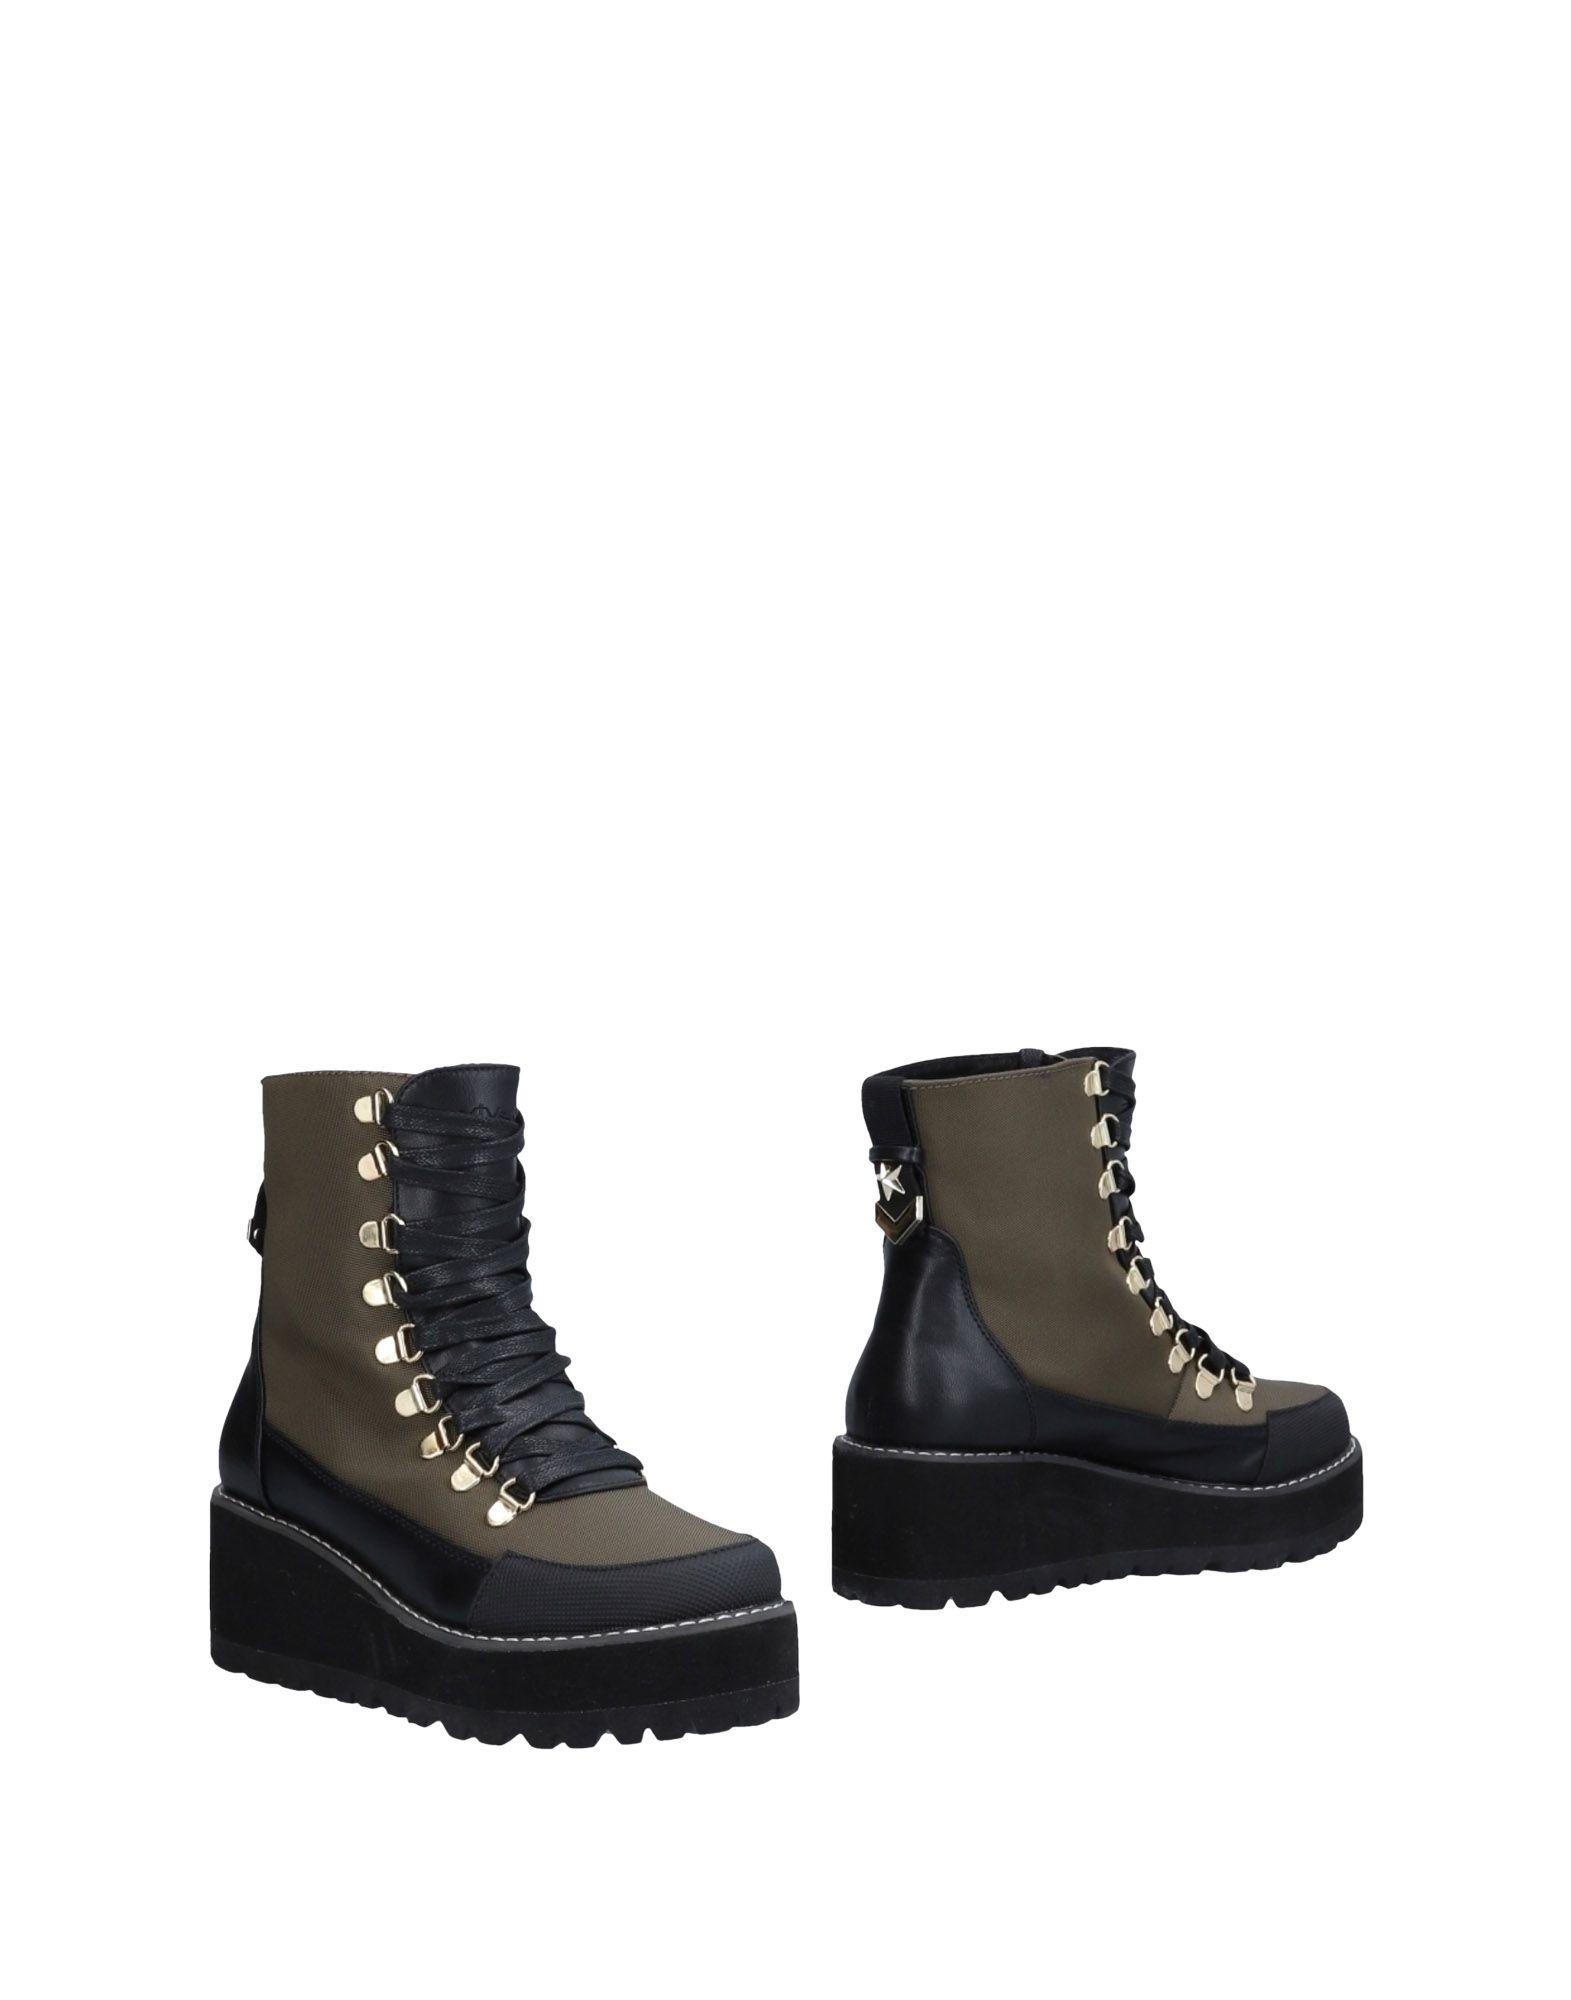 67 Sixtyseven Stiefelette Damen  11490621LS Gute Qualität beliebte Schuhe